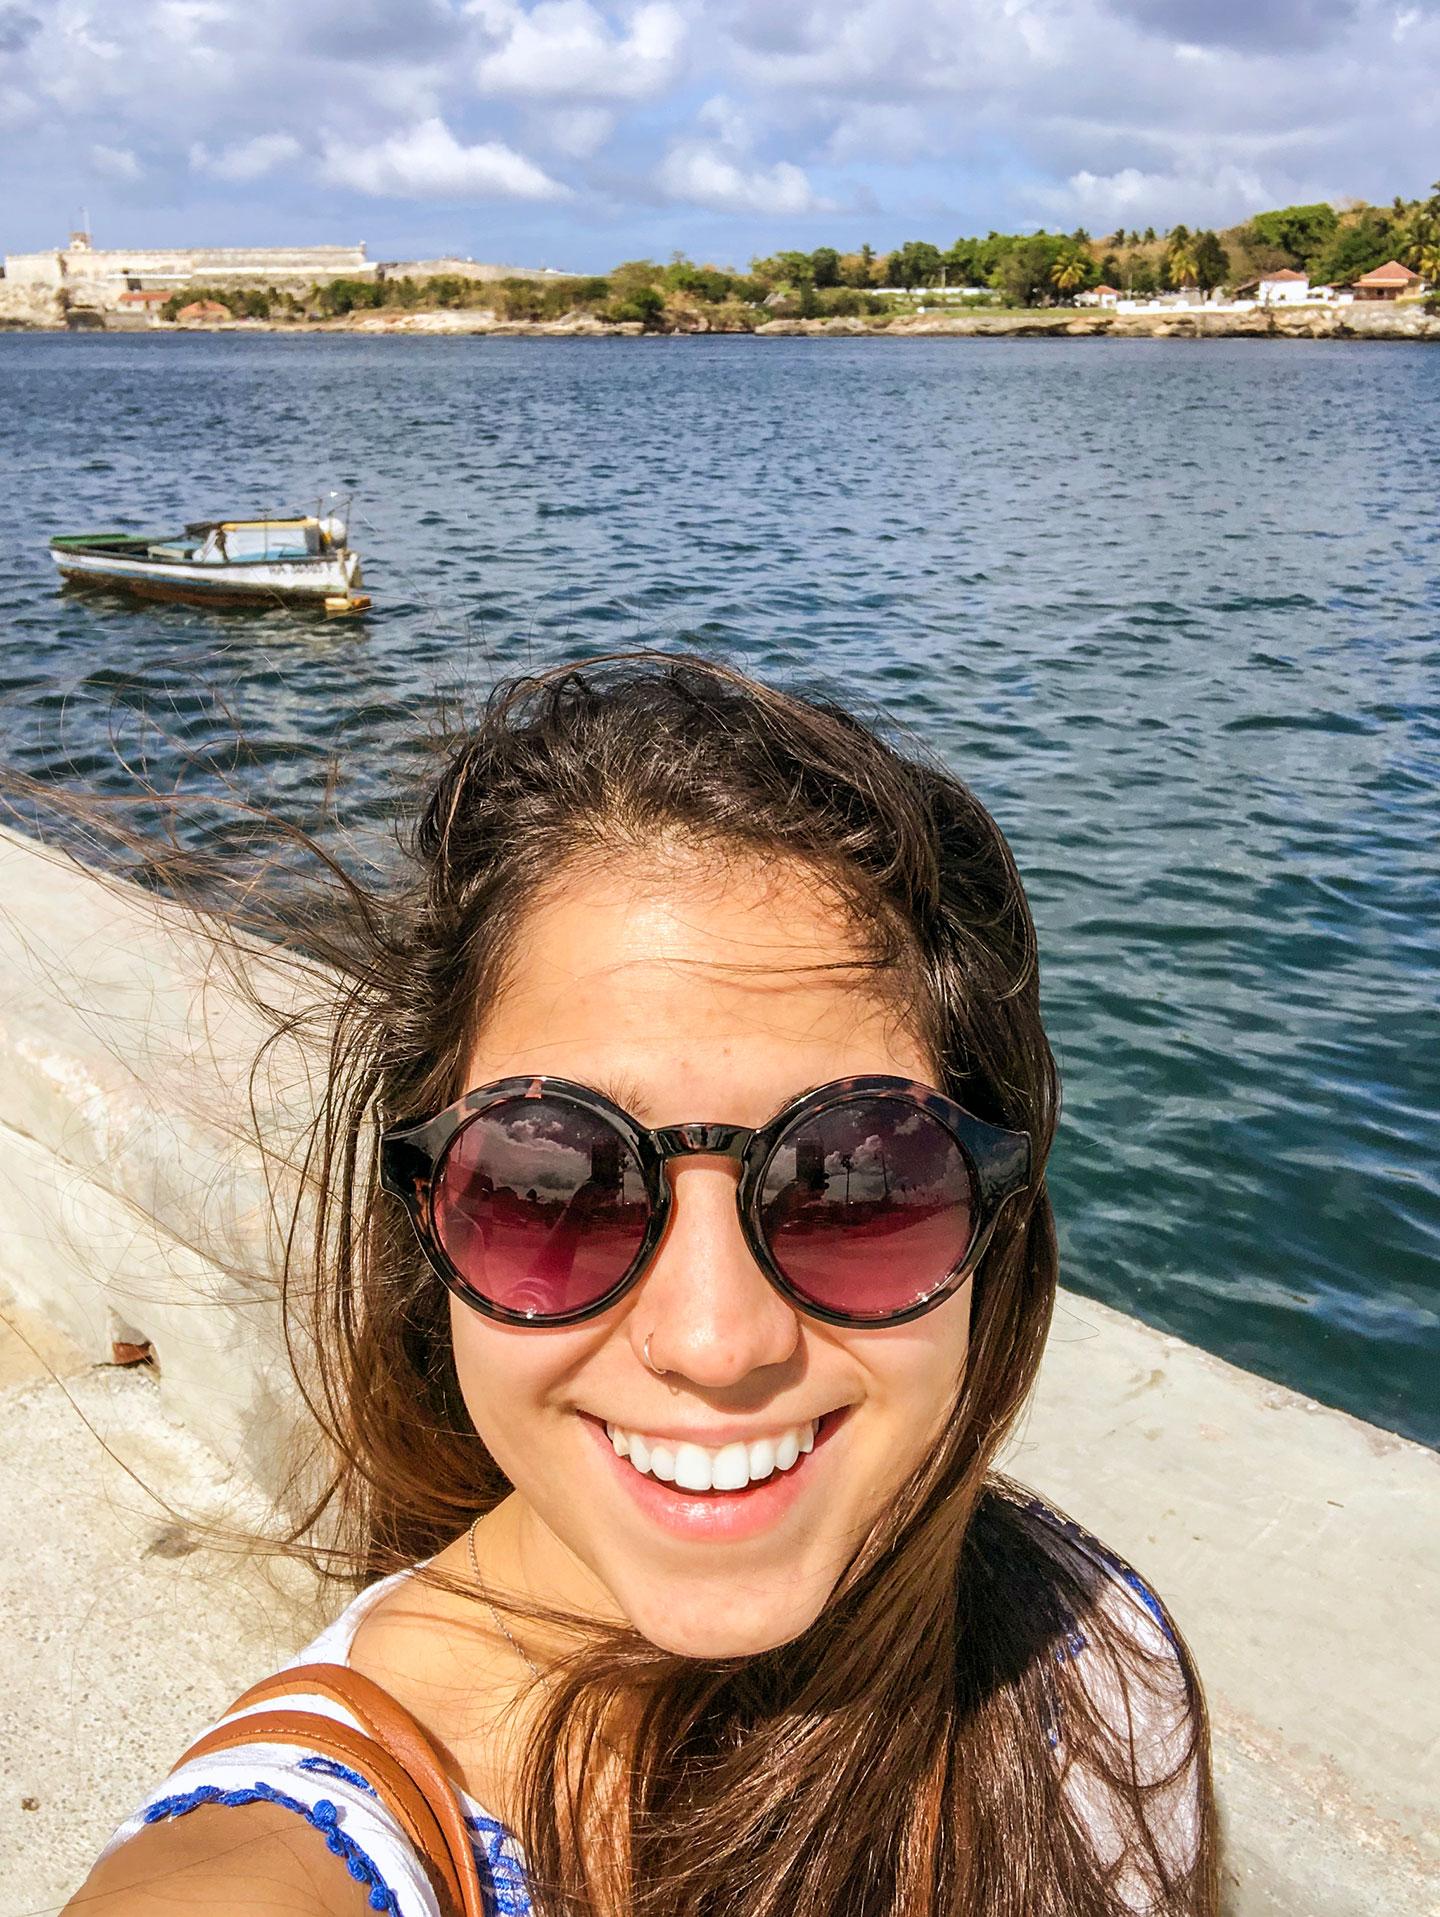 Selfie in Havana